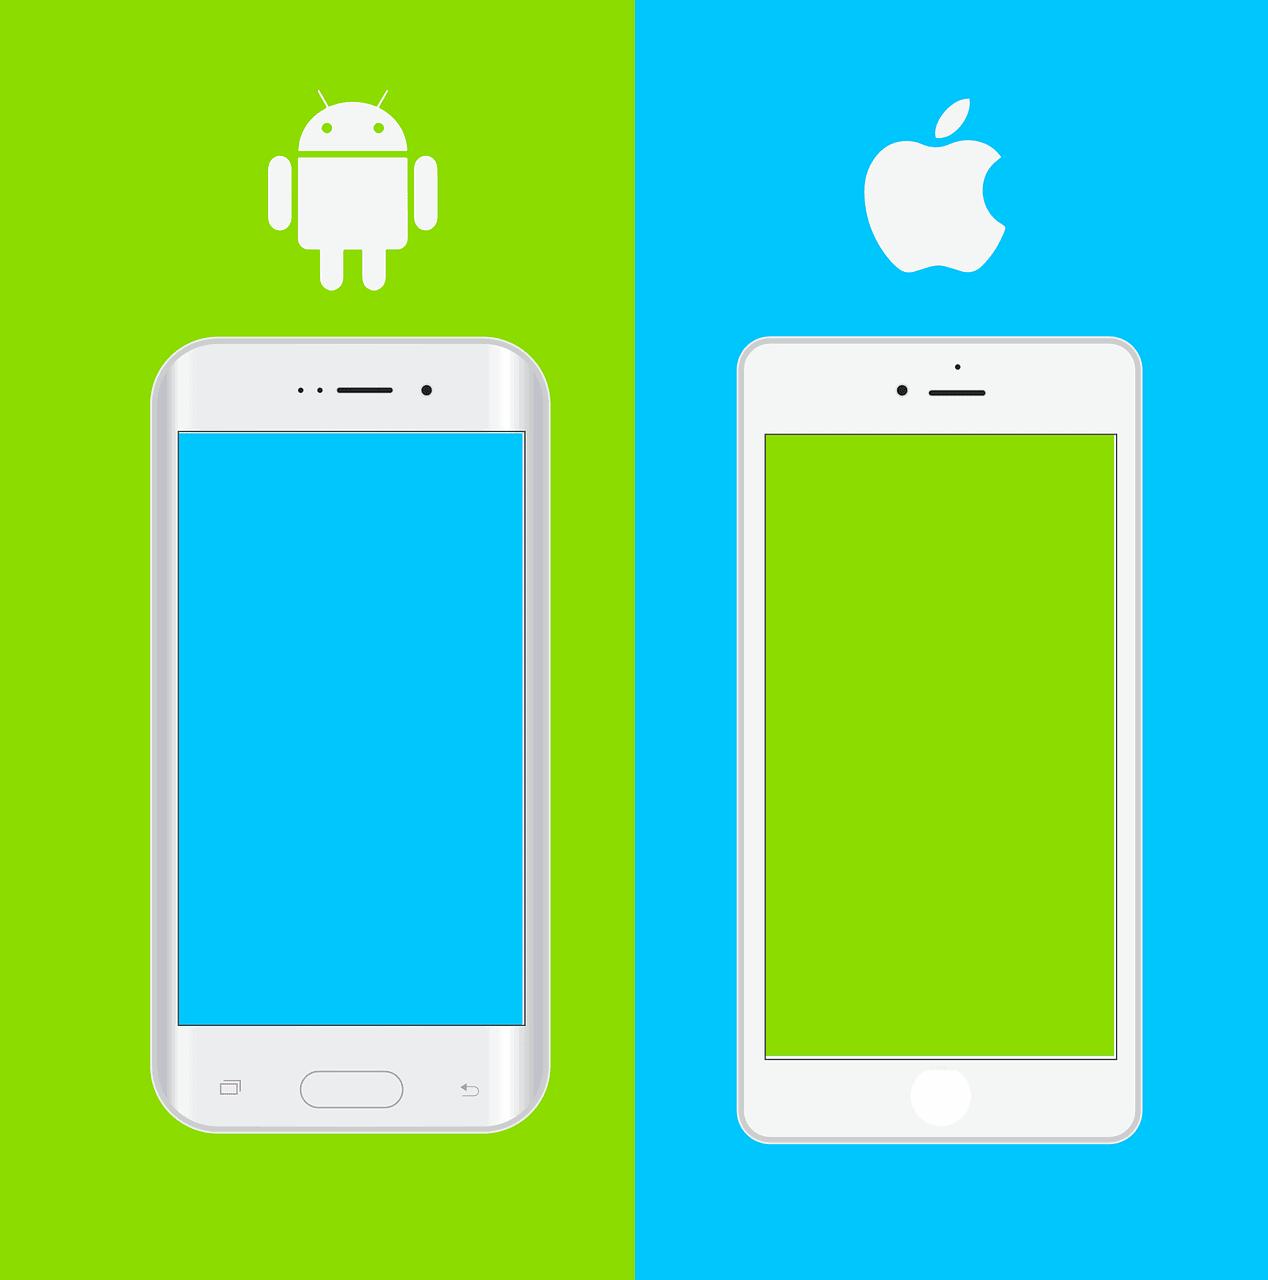 apple ve android telefonların karşilaştırılması.